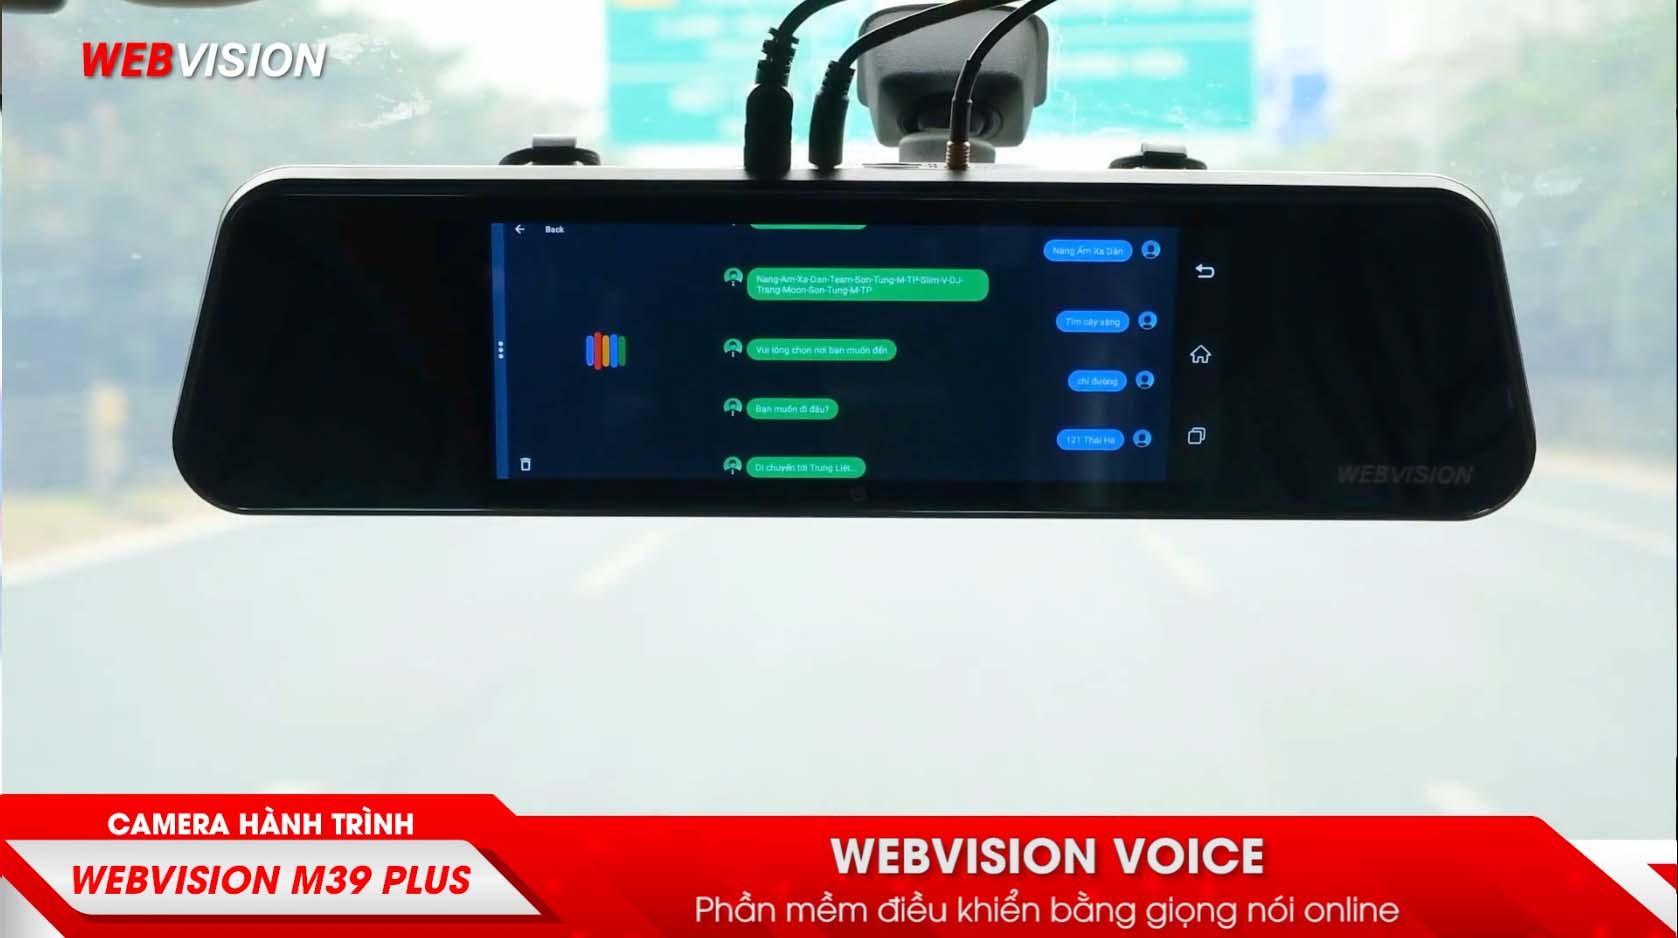 webvision voice điều khiển giọng nói 2 lớp